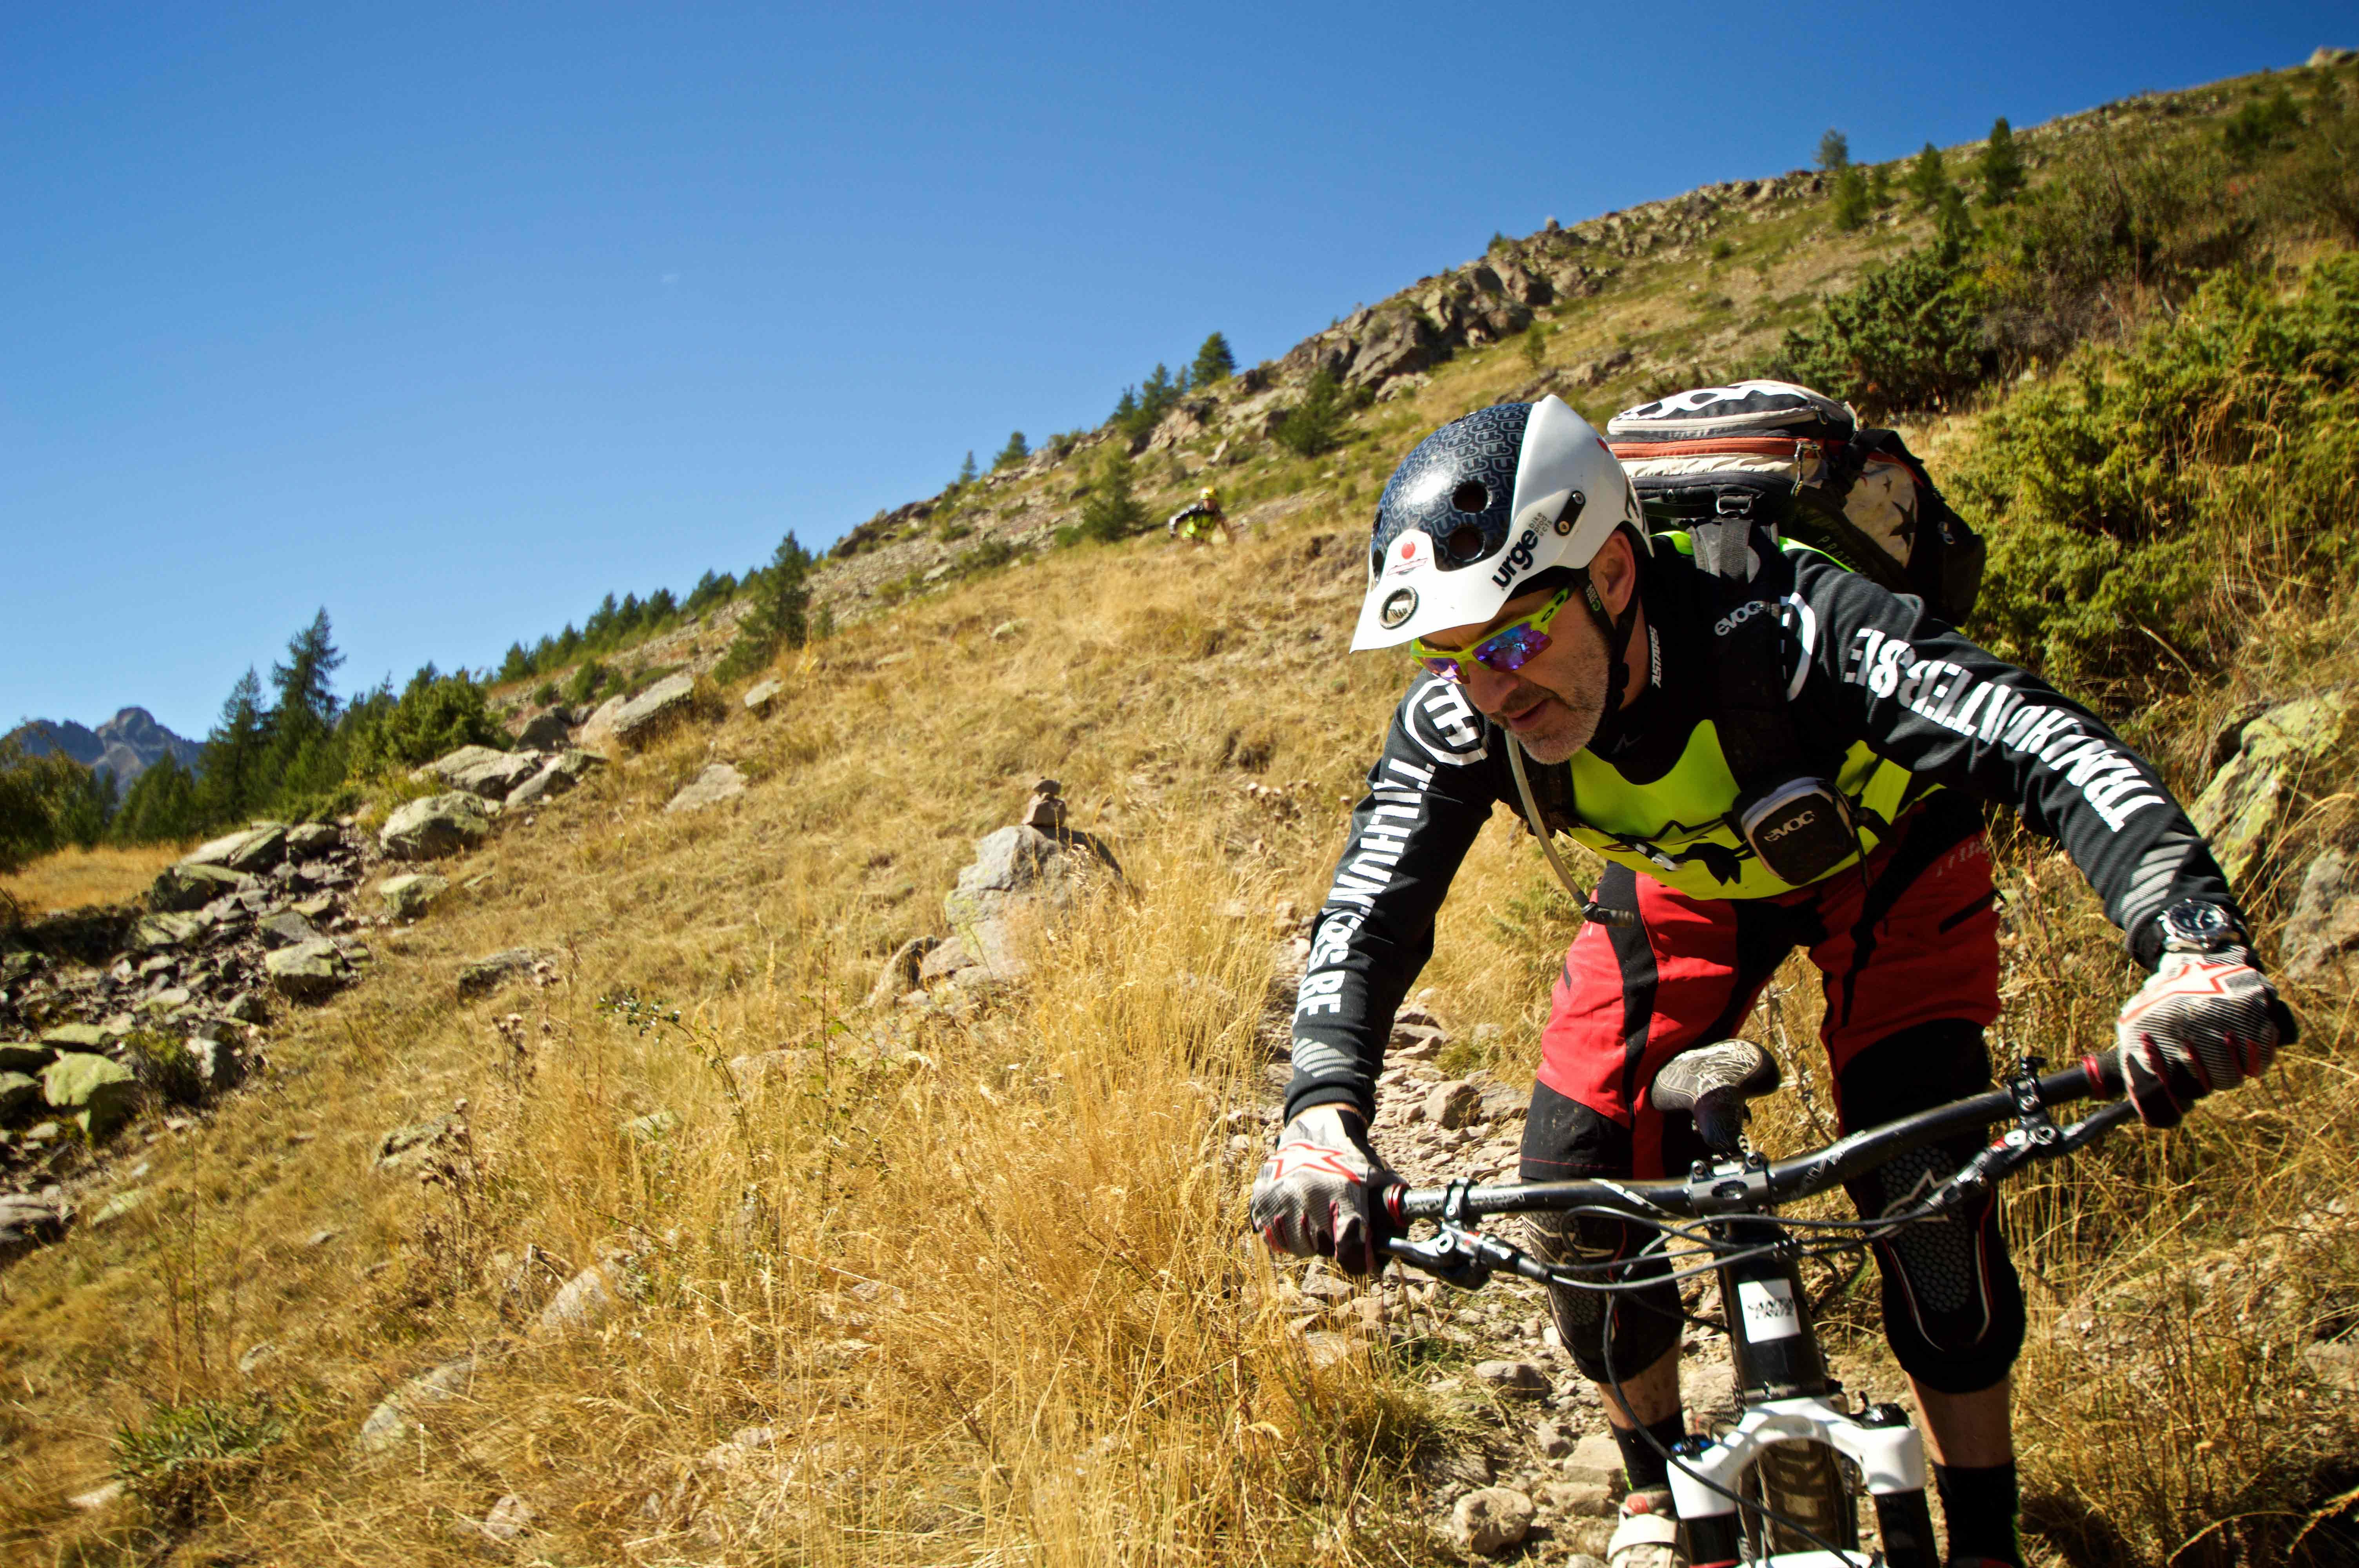 Werner van de Trailhunters rijdt over een trail vool met stenen